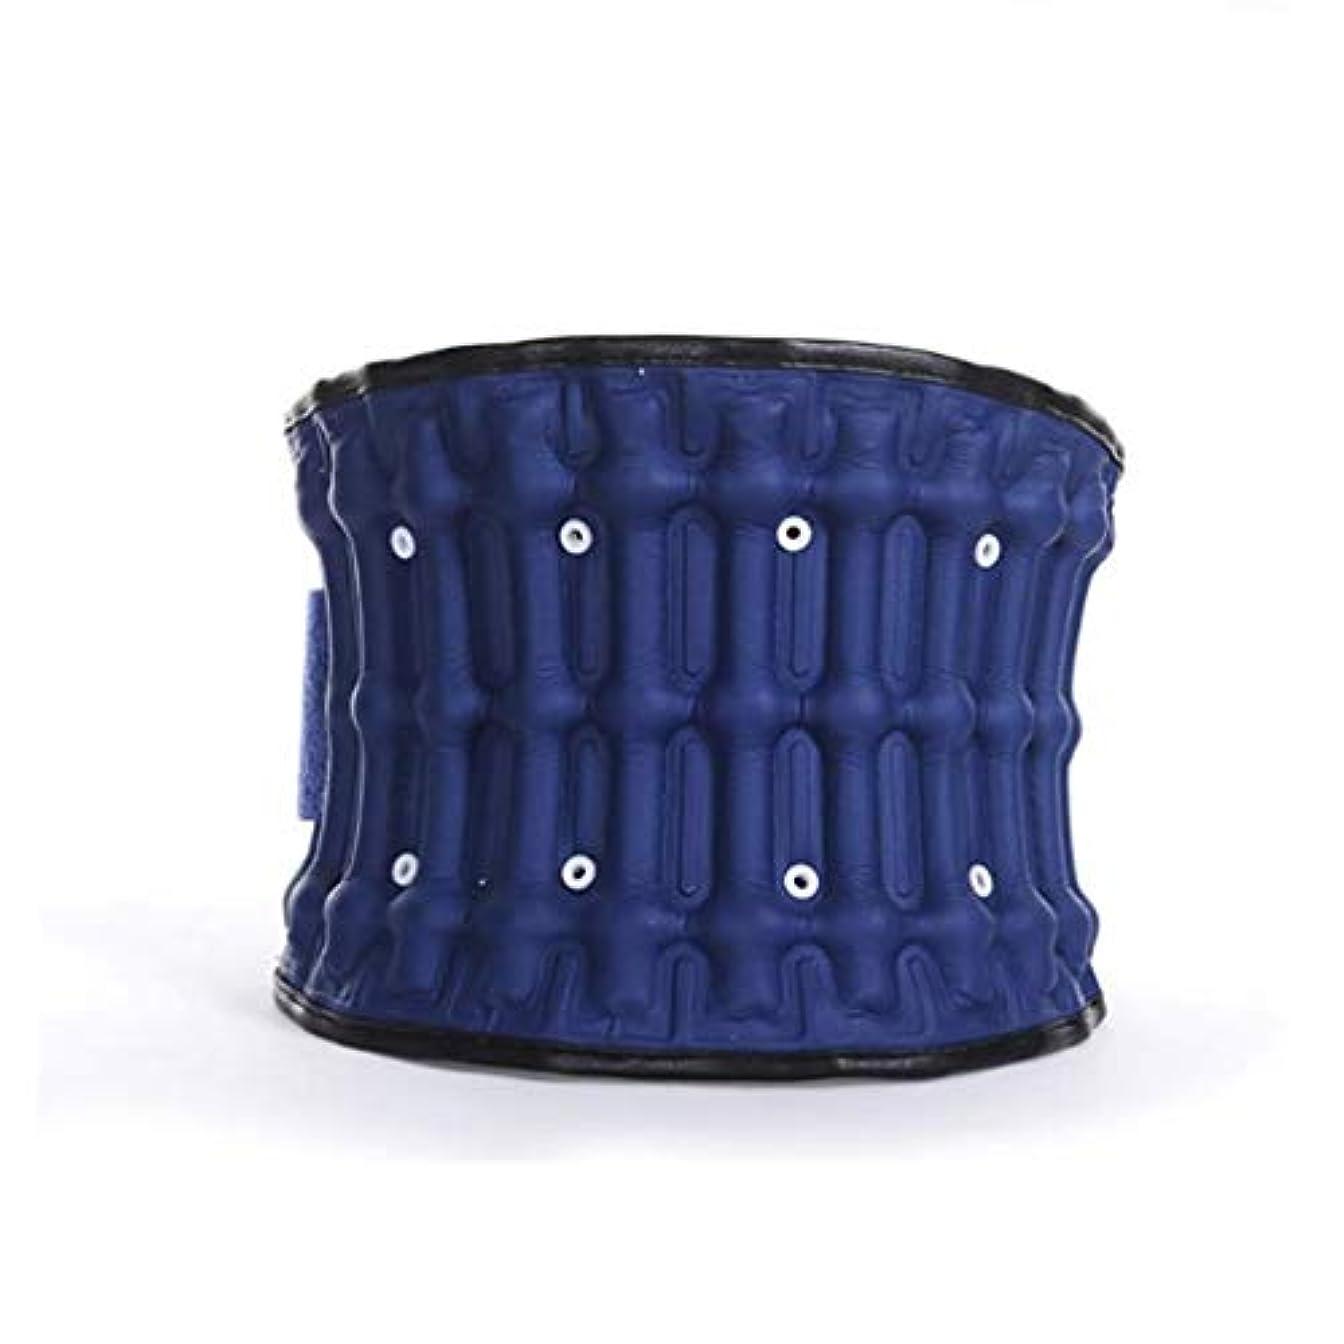 配当タフ症状ウエスト/腰暖かいベルト、携帯用バックサポートベルト、ワーキング/スポーツ/フィットネスのために適切な弾性シェーピングスリミングスポーツベルト、痛みを緩和、防止けが